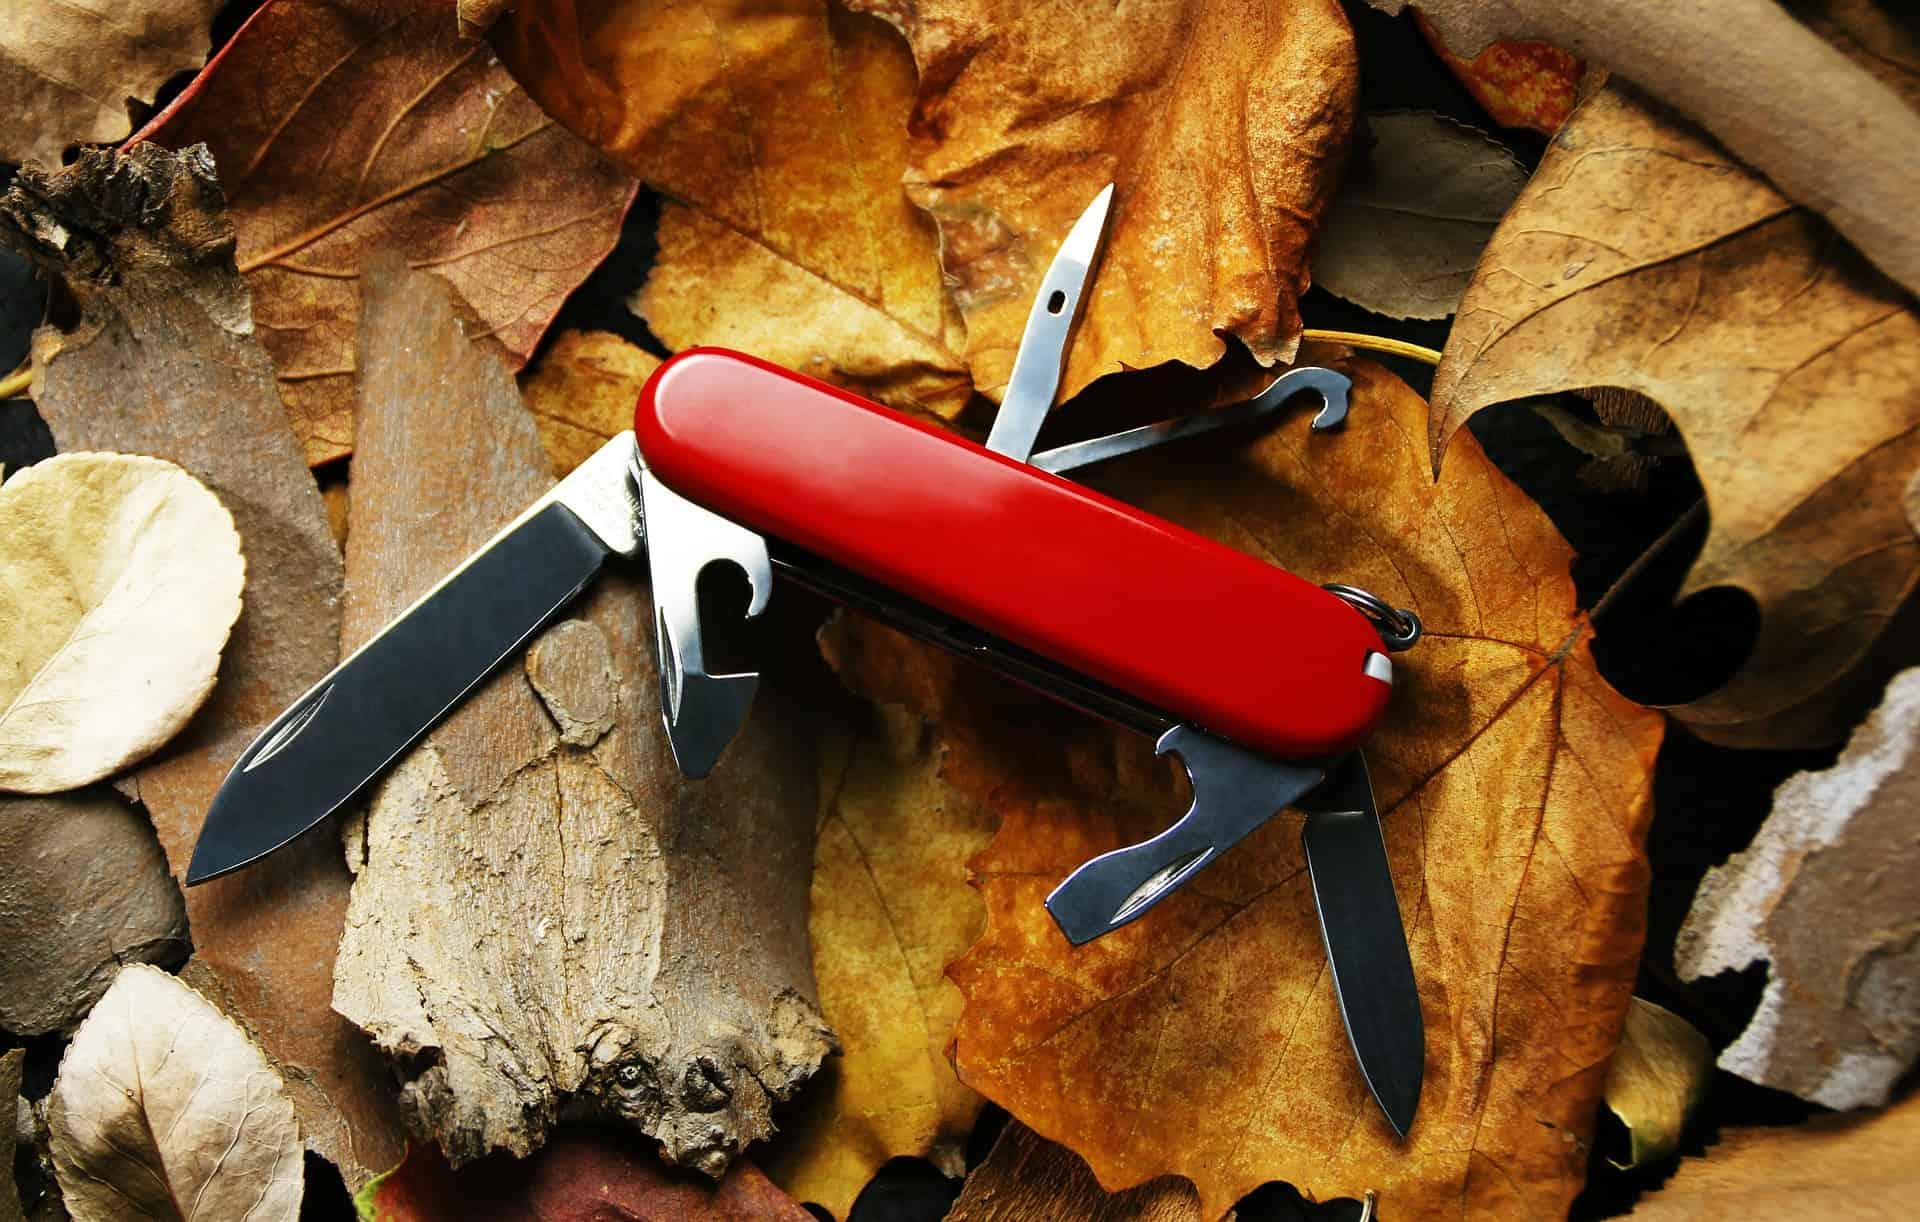 Canivete suíço, aberto e em cima de algumas folhas e pedaços de madeira.